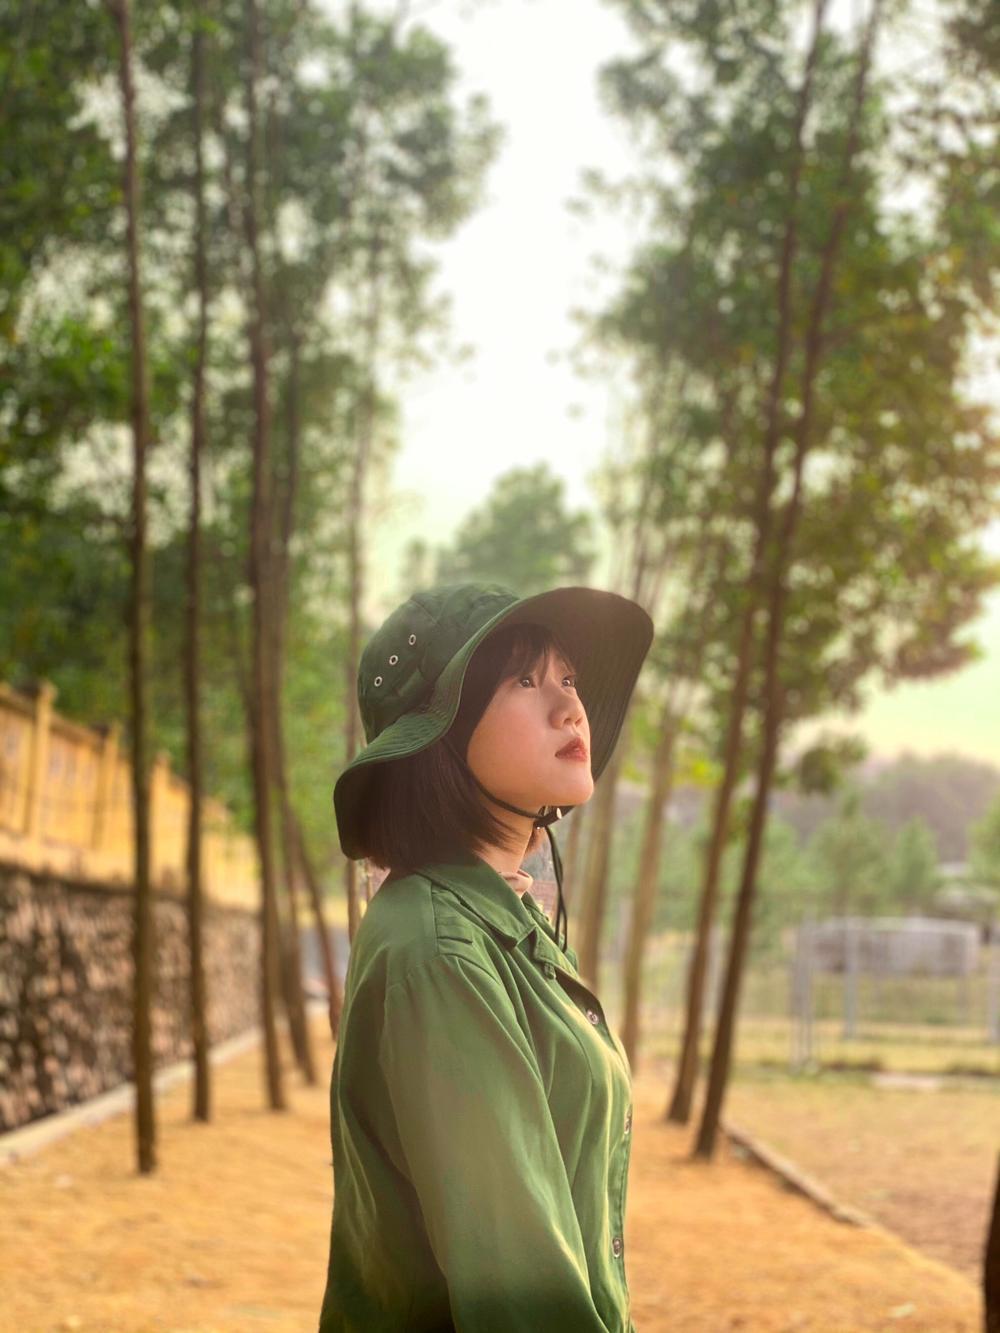 Chiêm ngưỡng dàn 'Trai xinh gái đẹp'- 'Đặc sản' mùa quân sự của Học viện Chính sách và Phát triển Ảnh 9